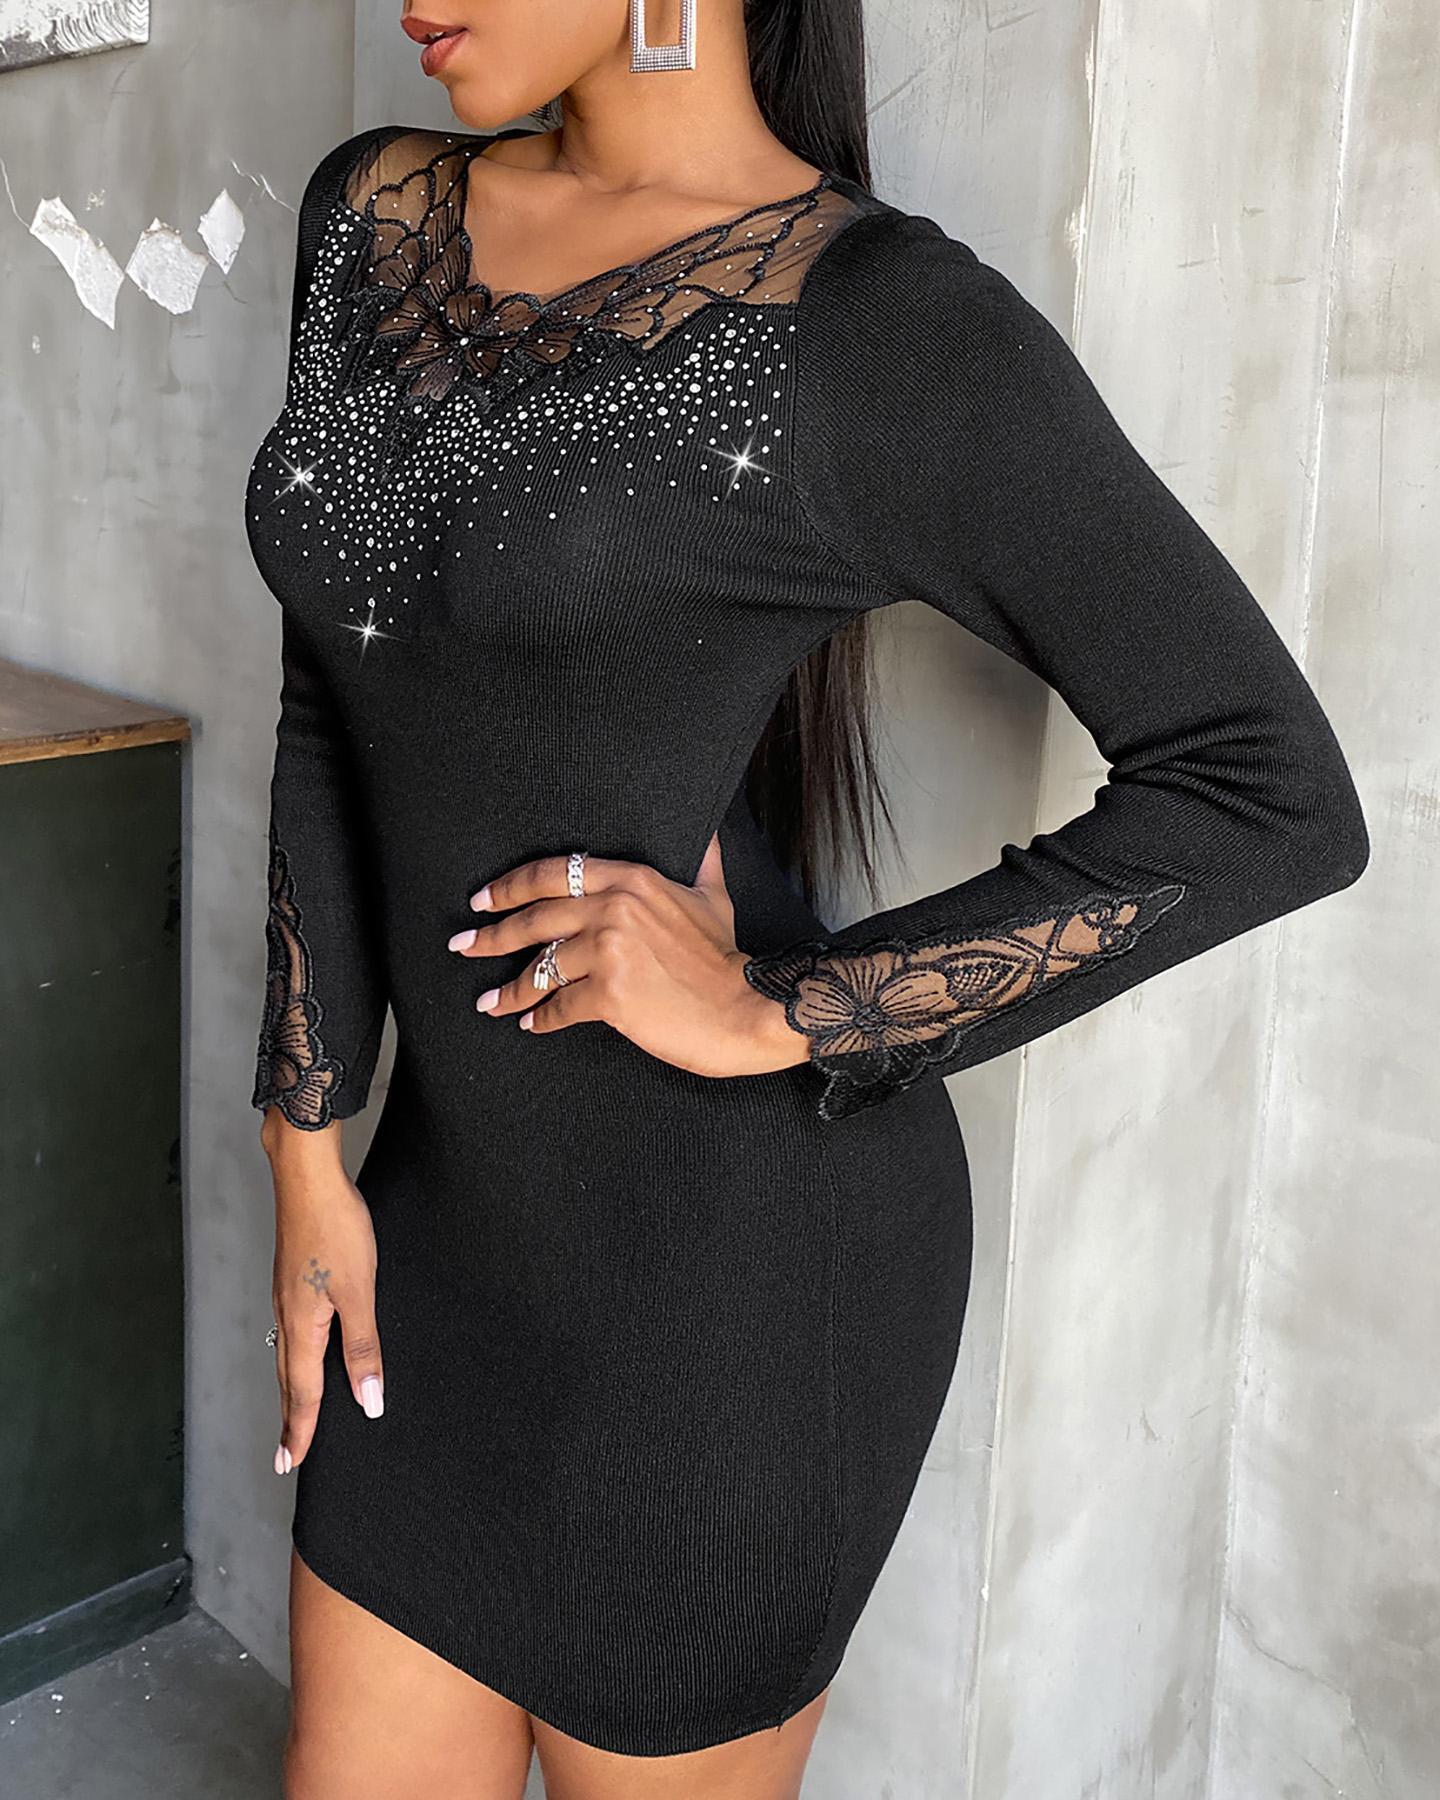 joyshoetique / Studded Lace Long Sleeve Bodycon Dress